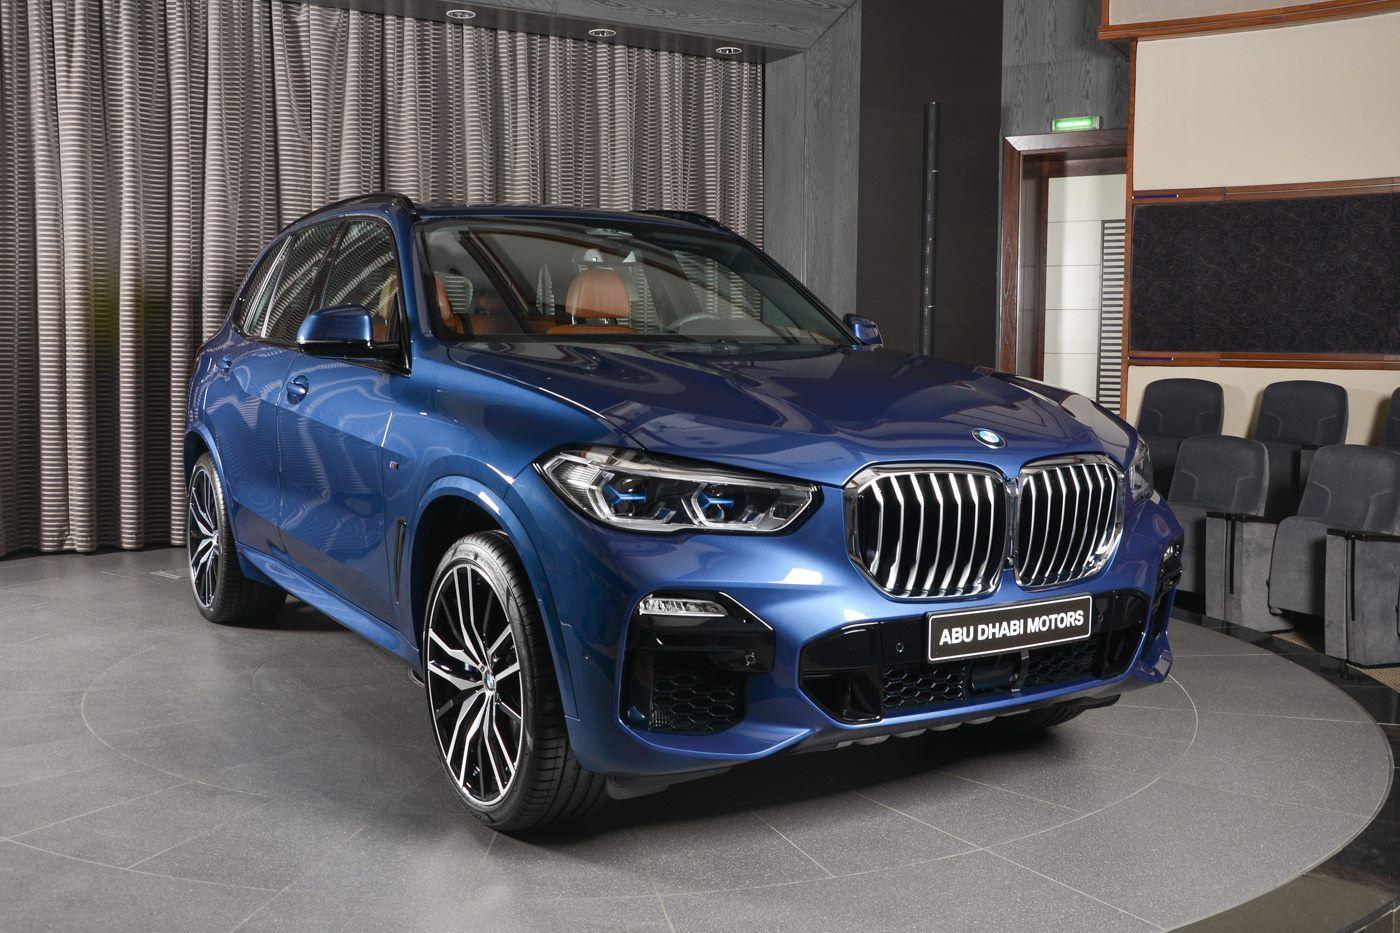 New 2019 Bmw X5 50i Looks Great In Phytonic Blue Bmw X5 M Sport